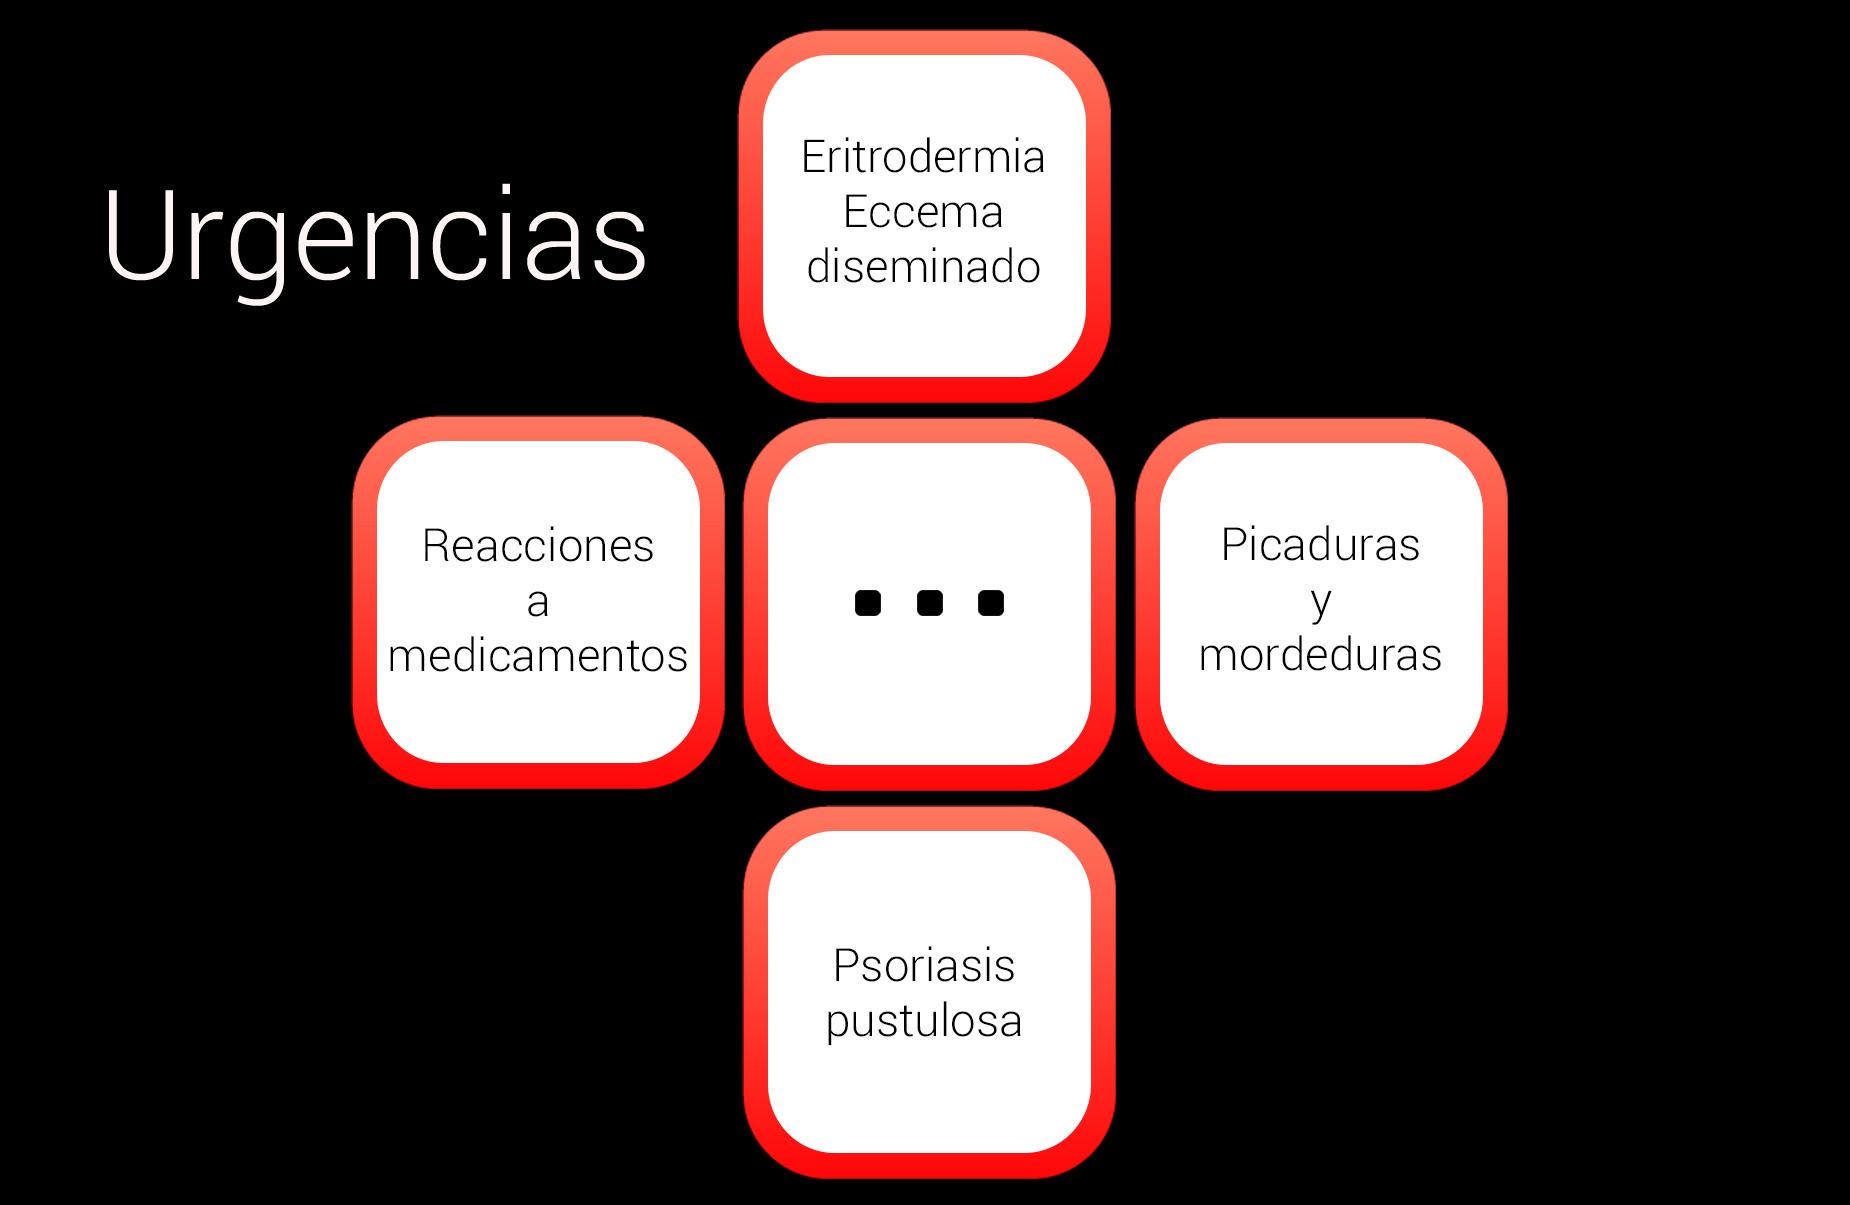 Urgencias dermatología